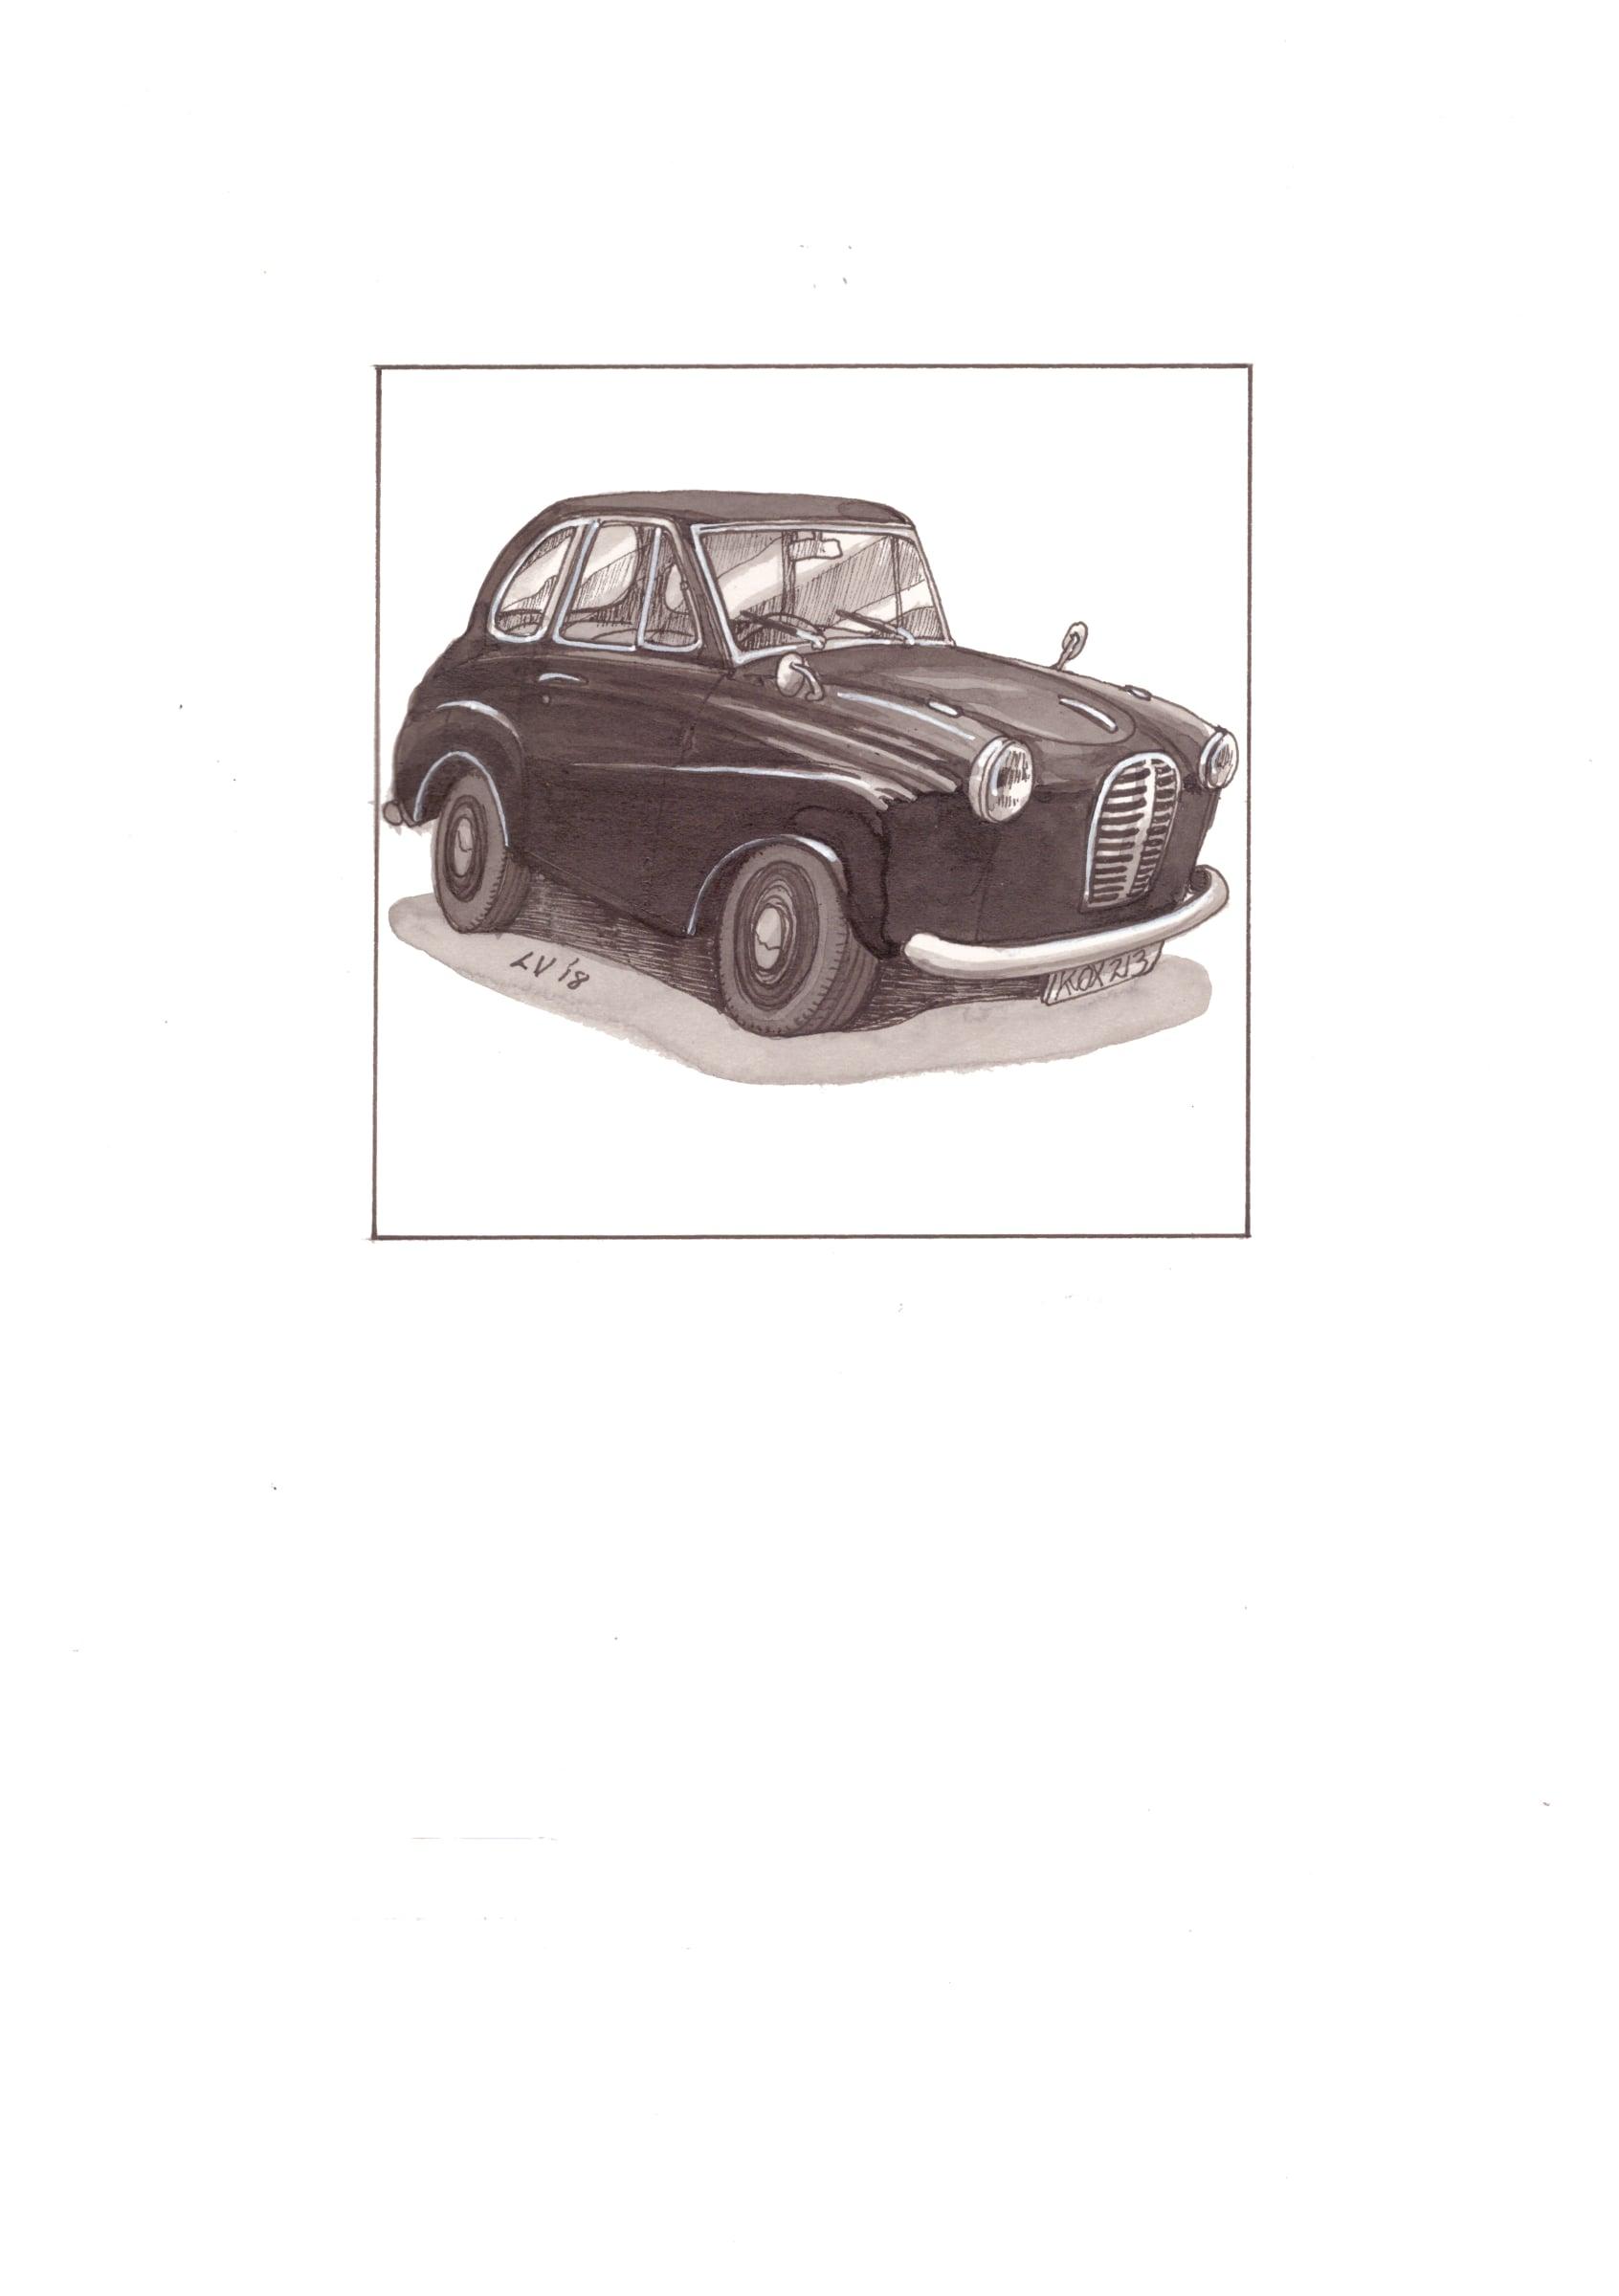 <span class=&#34;link fancybox-details-link&#34;><a href=&#34;/artists/71-leonora-venter/works/2255-leonora-venter-austin-a30-1953-2018/&#34;>View Detail Page</a></span><div class=&#34;artist&#34;><strong>Leonora Venter</strong></div> <div class=&#34;title&#34;><em>Austin A30 1953</em>, 2018</div> <div class=&#34;medium&#34;>Coloured Ink On Paper</div> <div class=&#34;dimensions&#34;>14.5cm x 10.5cm</div><div class=&#34;price&#34;>R600.00</div>